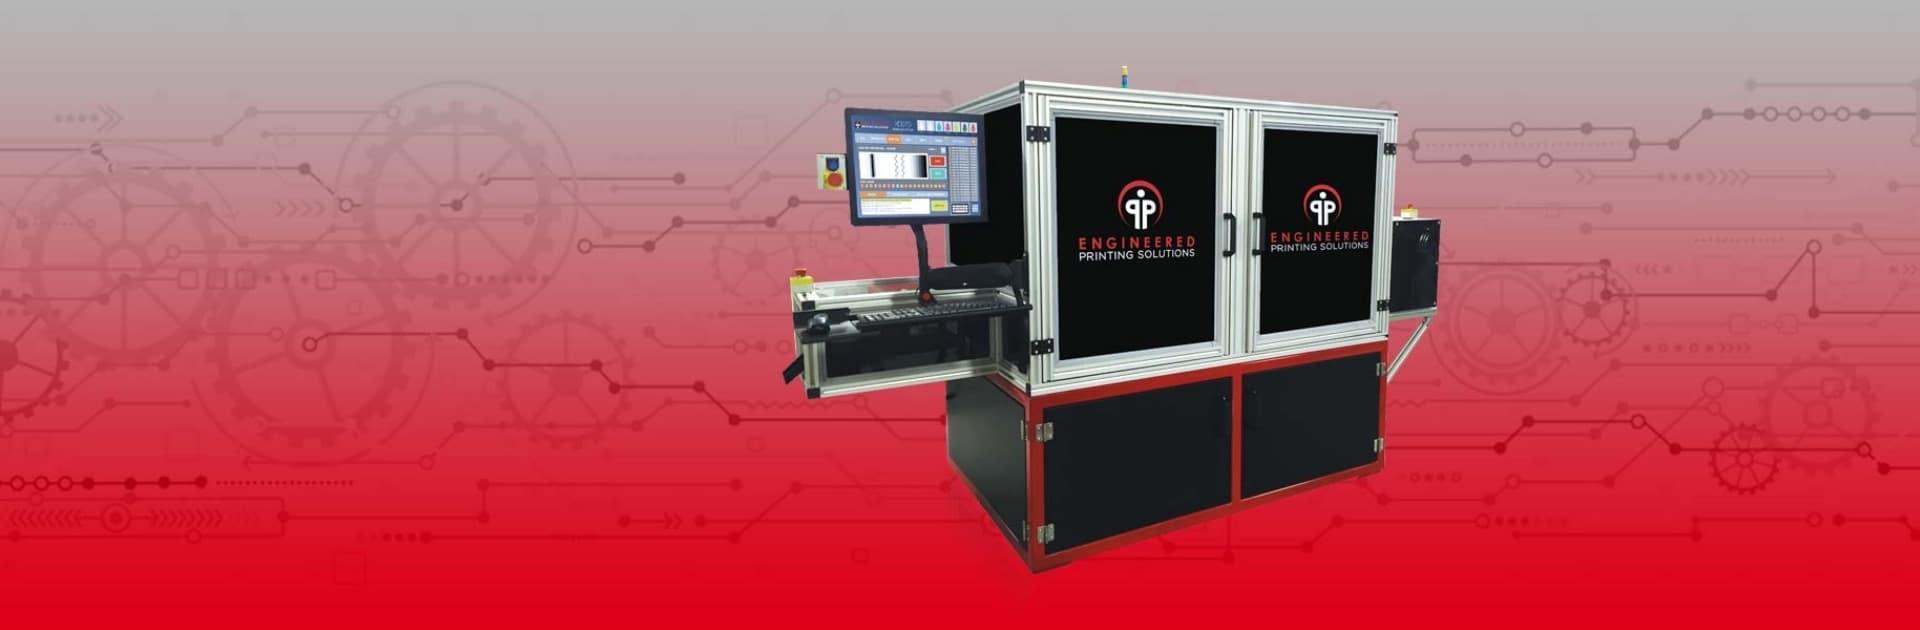 XD-54 Industrial Inkjet Printer